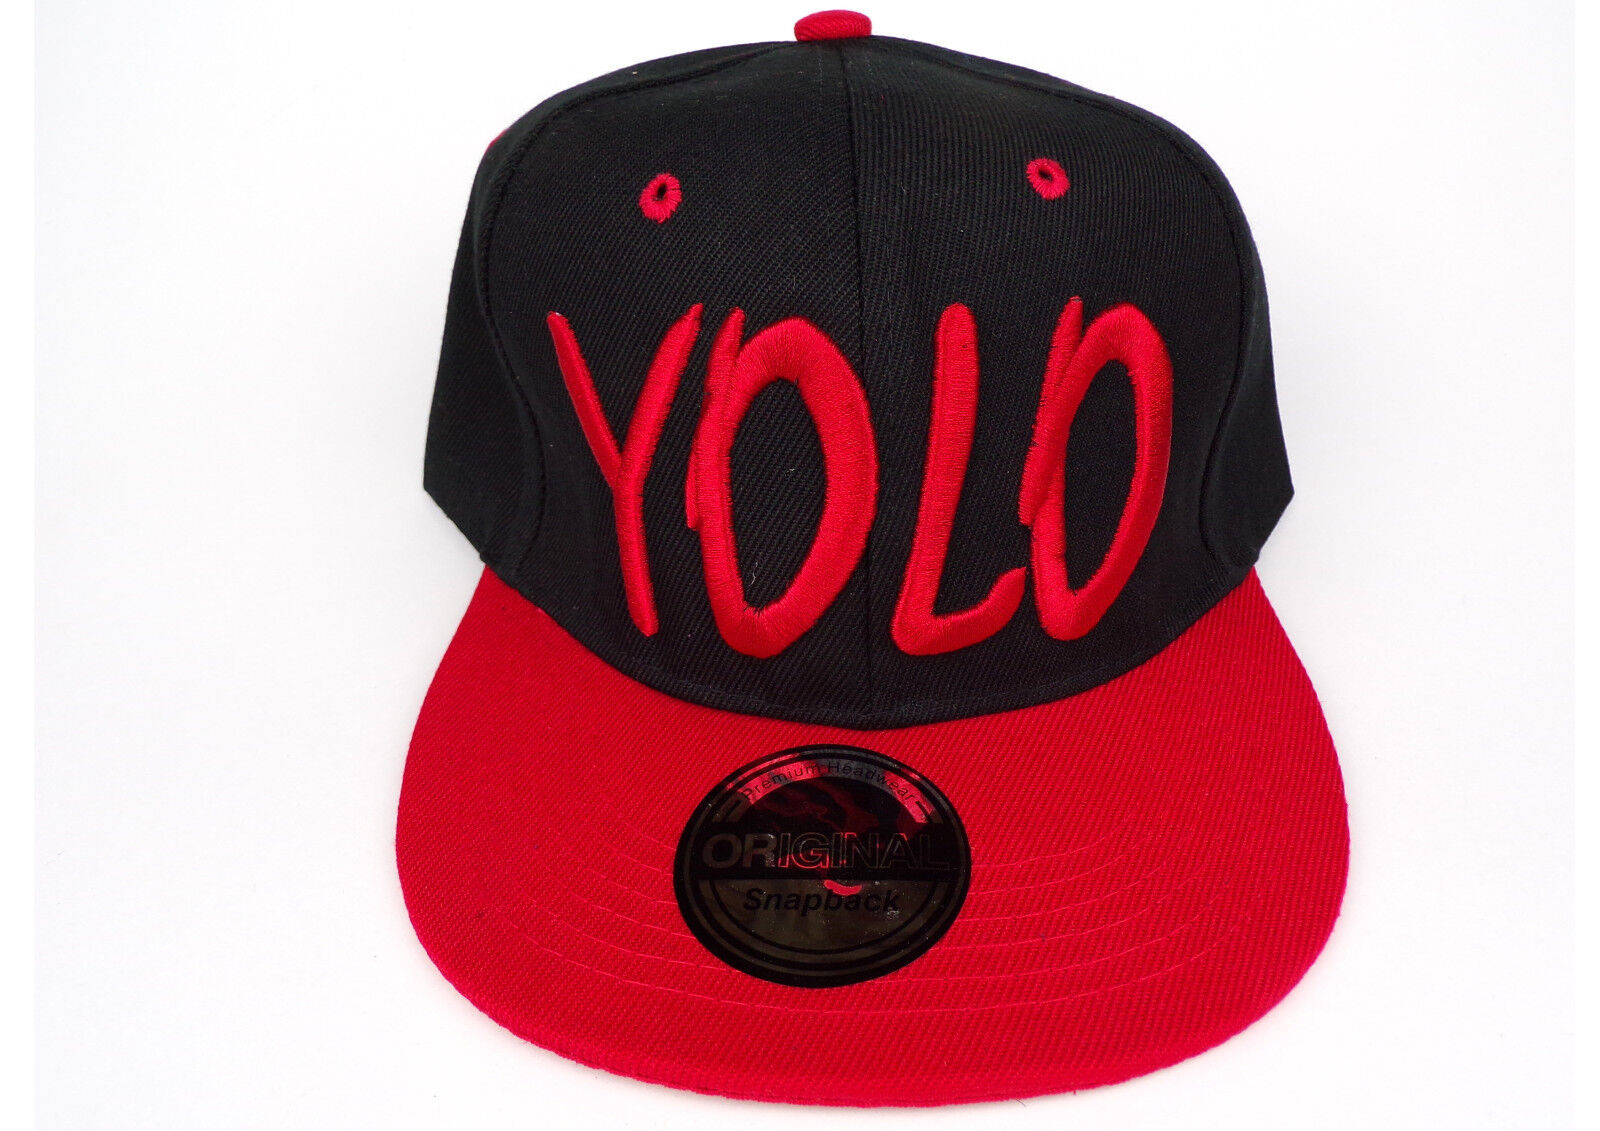 ea933f8eb5814 Snapback Cap Baseballcap YOLO schwarz rot Flat Brim Kappe Damen Herren